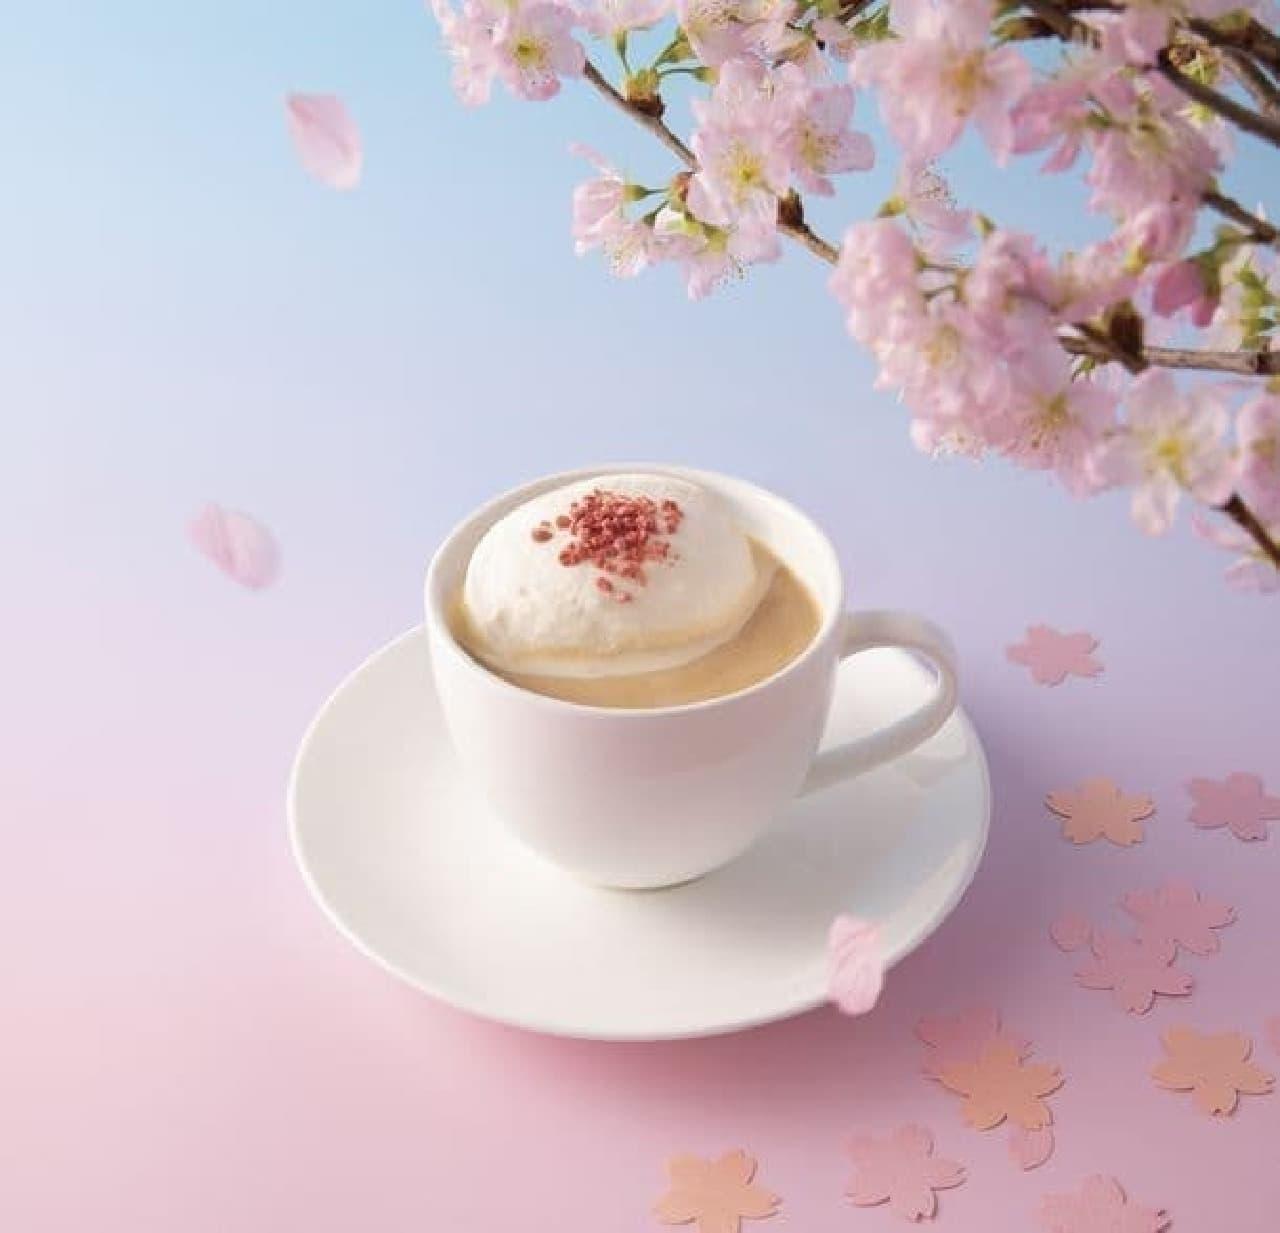 上島珈琲店「山桜のミルク珈琲」「苺ミルク」